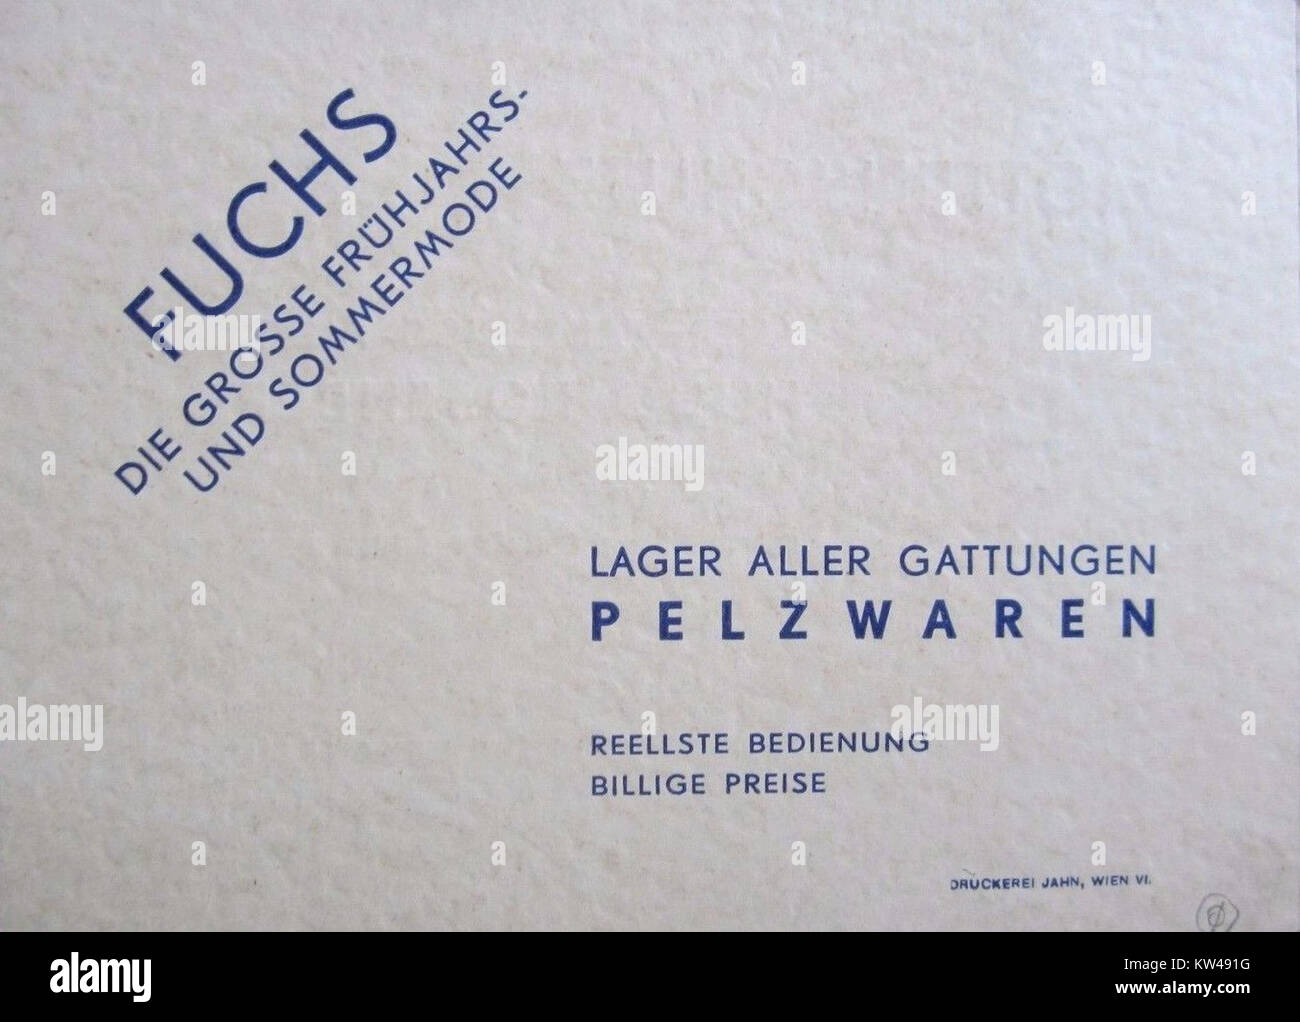 Pelzhaus Hugo Rosenberg Wien Vi Visitenkarte 3 Stock